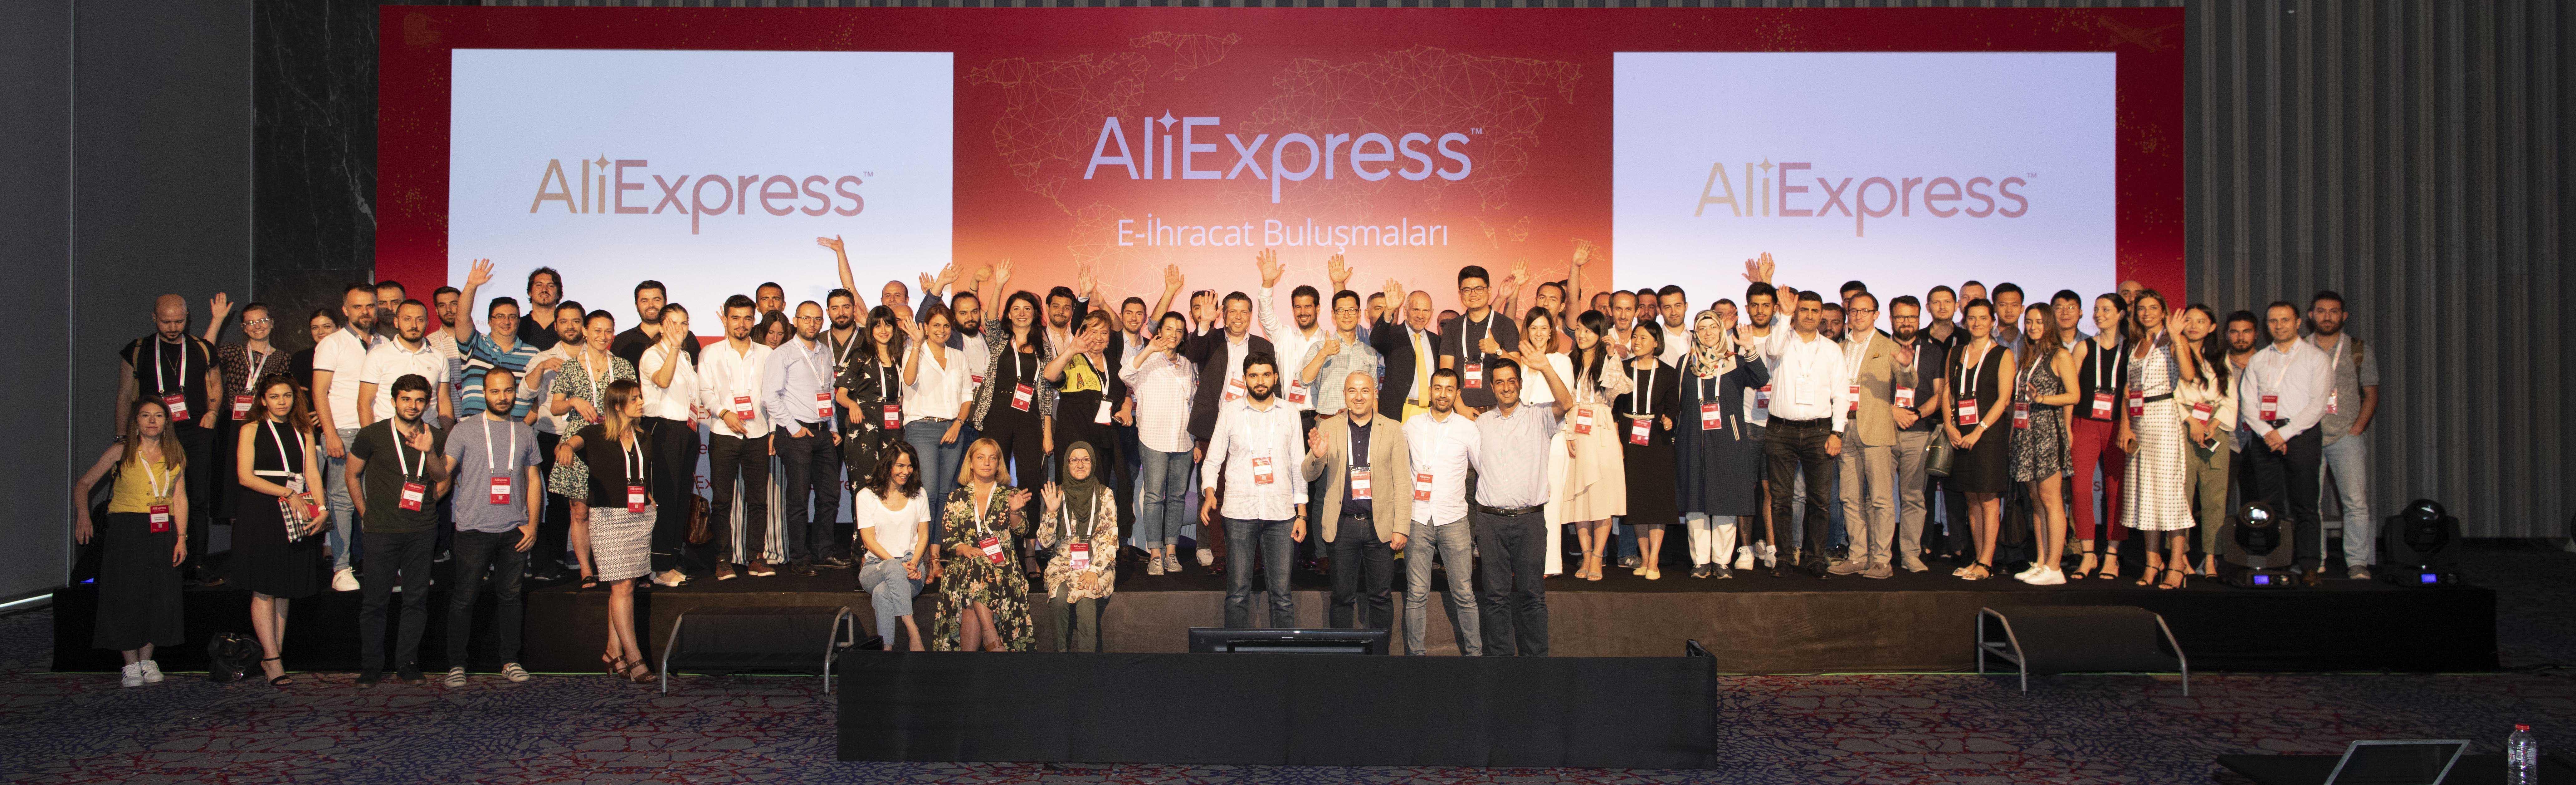 AliExpress yerel satıcı ve işletmeler için vereceği destek paketini açıkladı